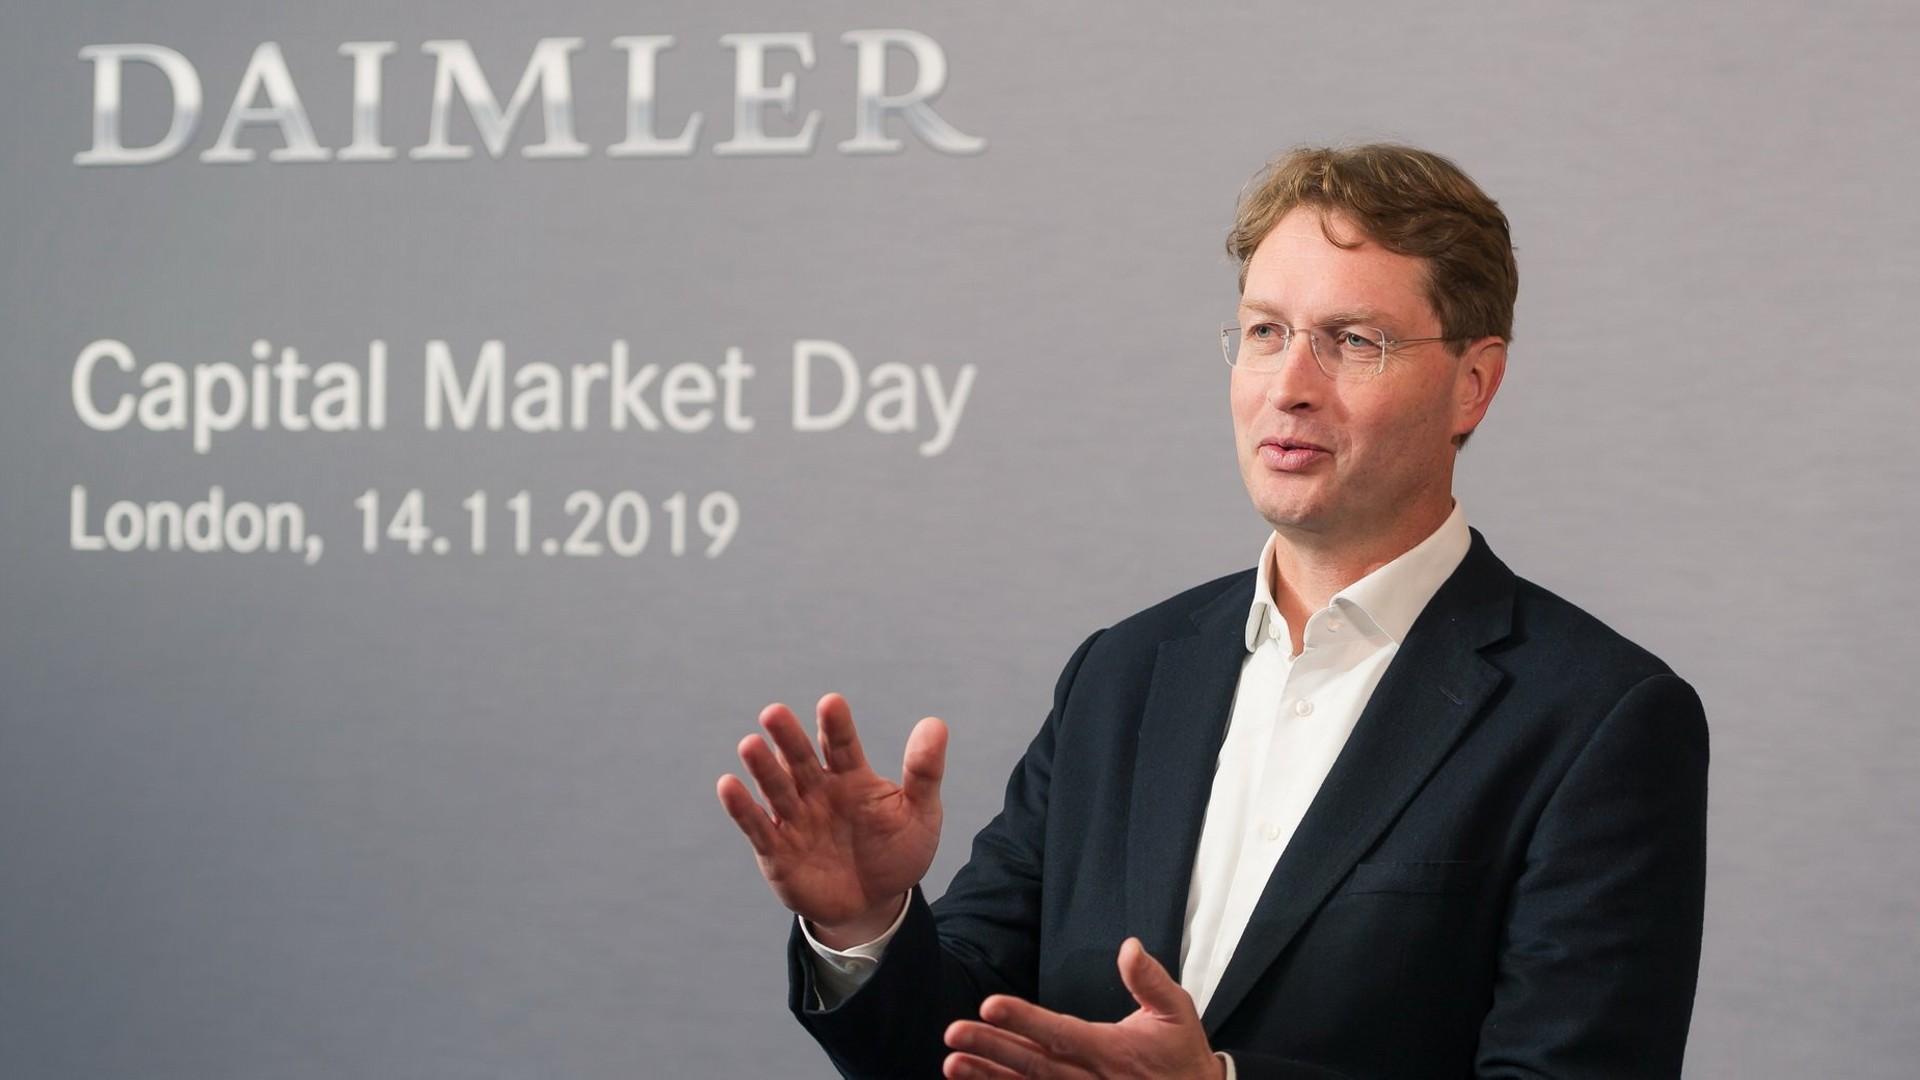 Daimler prescindirá de miles de empleos como parte de su nueva estrategia comercial